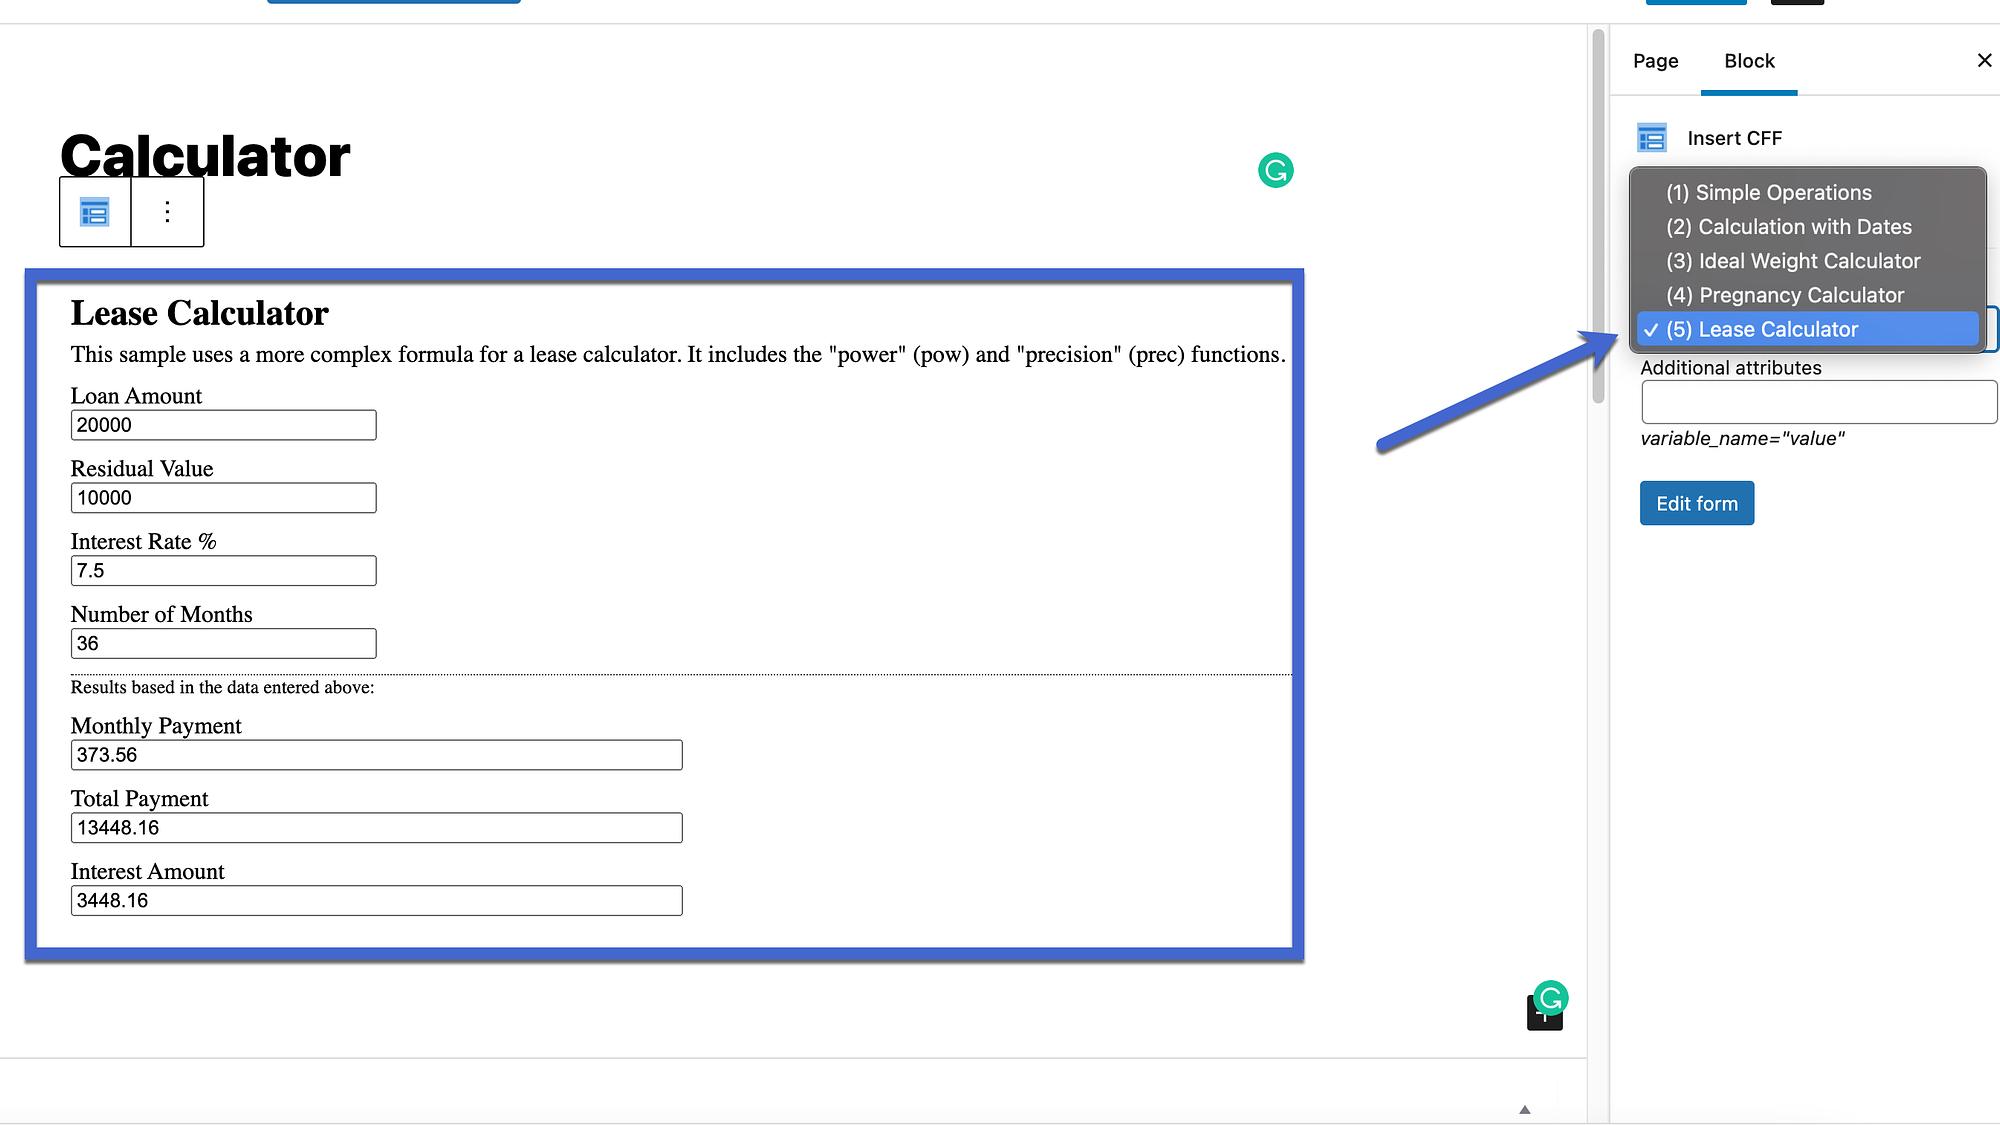 ماشین حساب اجاره را انتخاب کنید